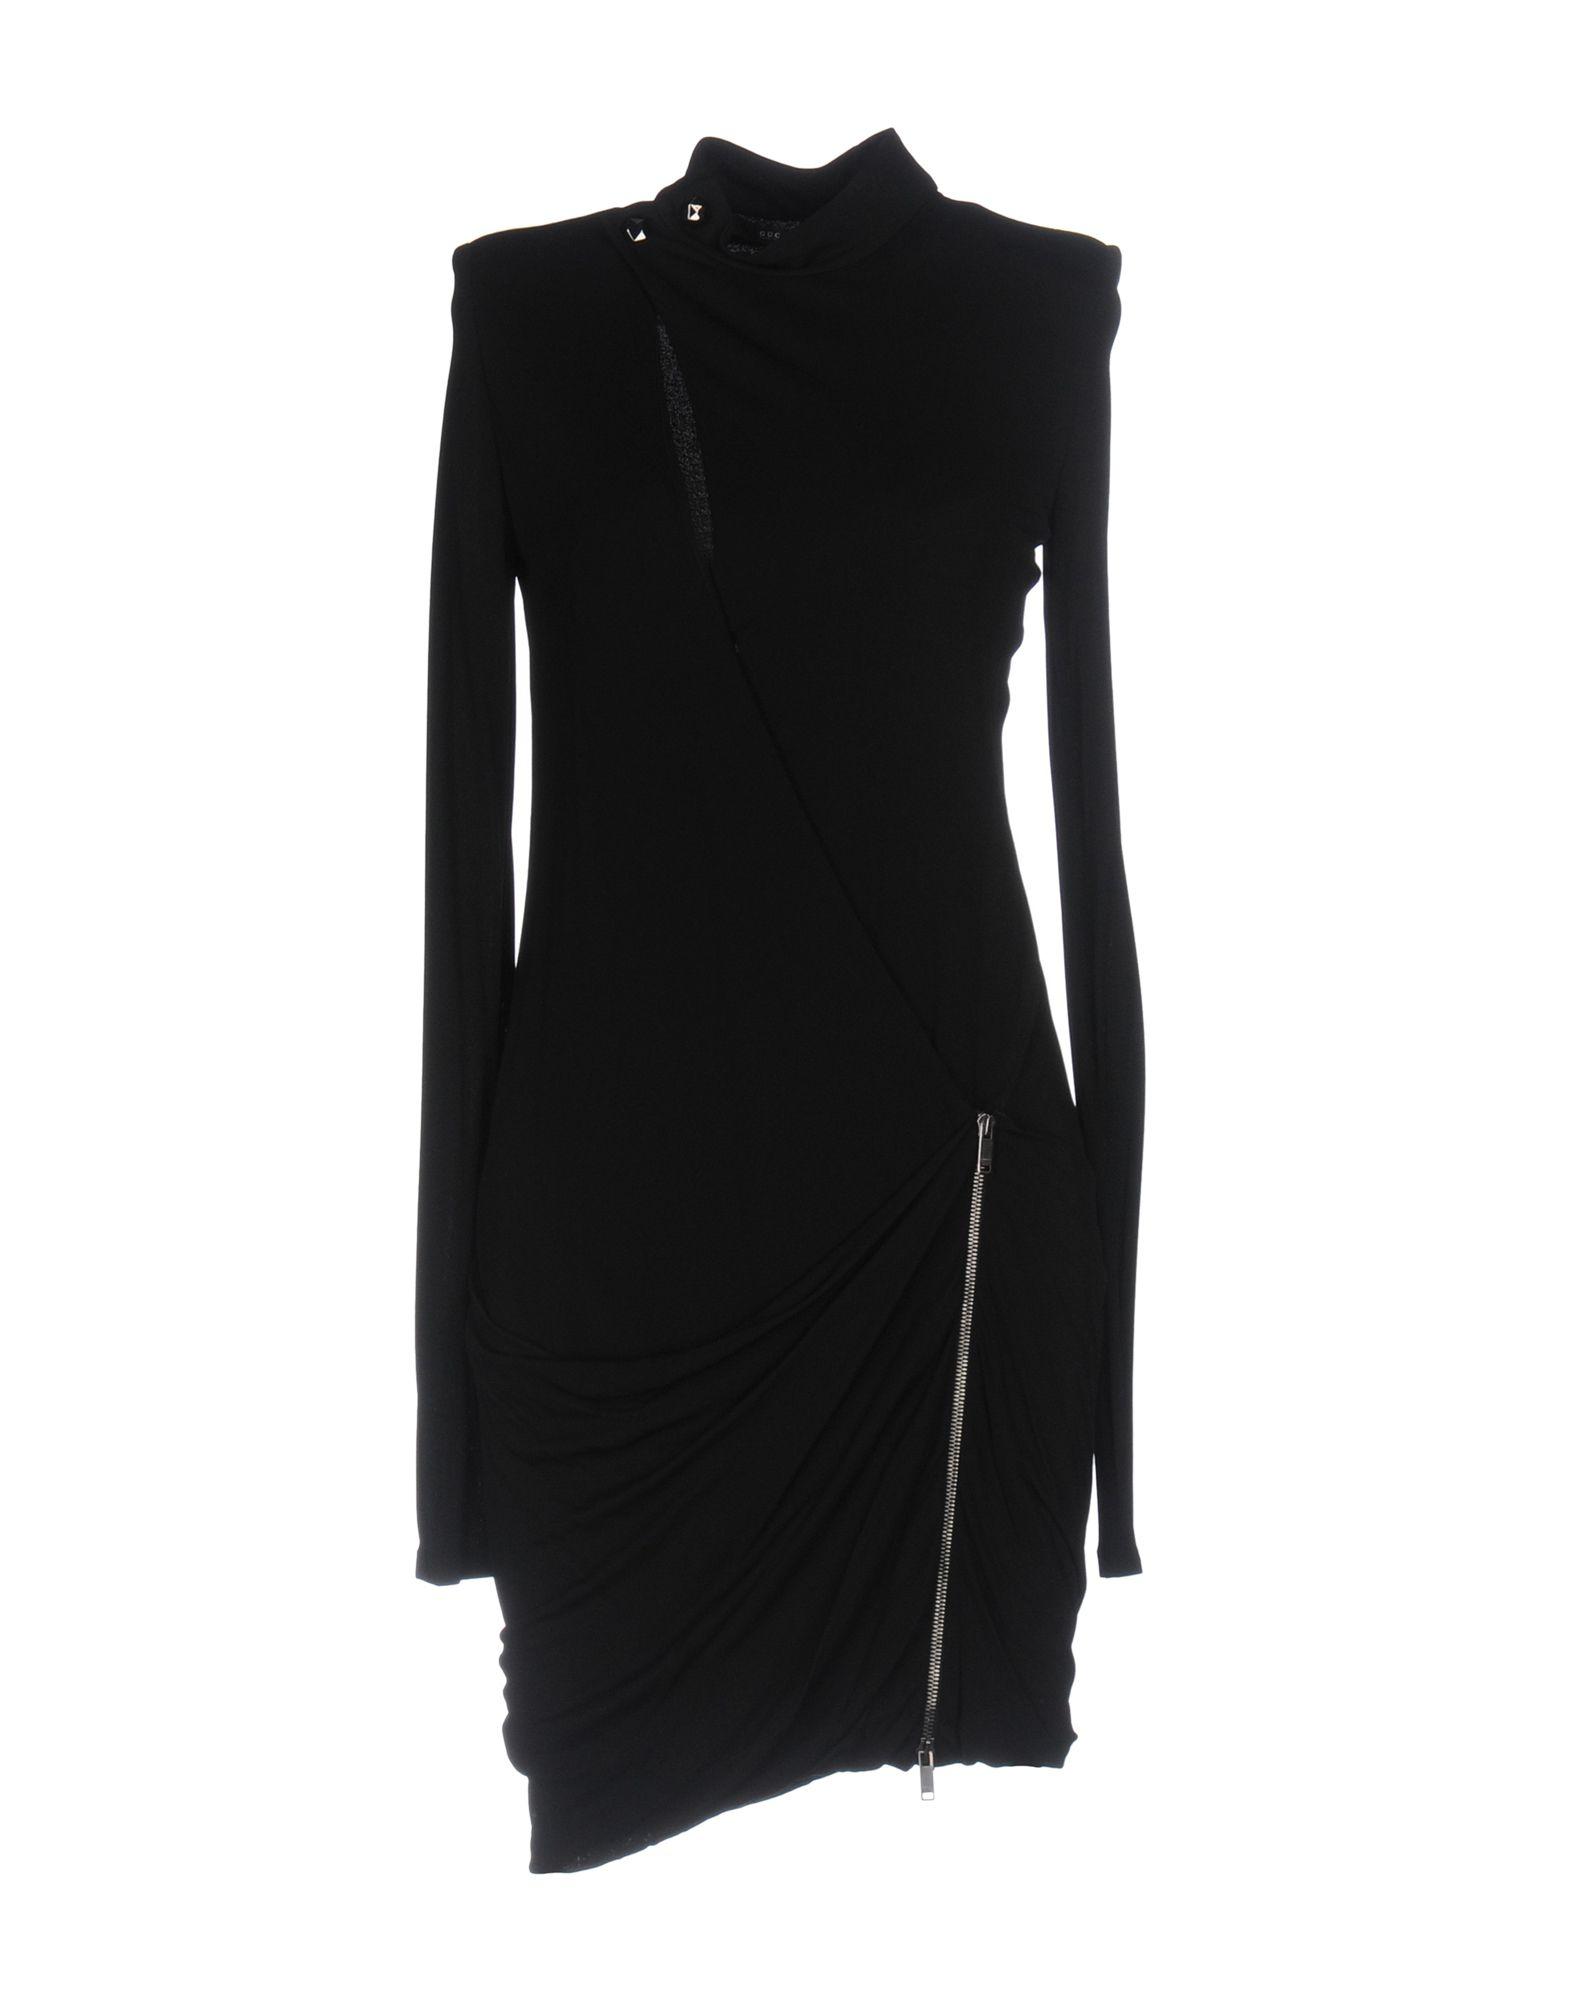 GUCCI Damen Kurzes Kleid Farbe Schwarz Größe 2